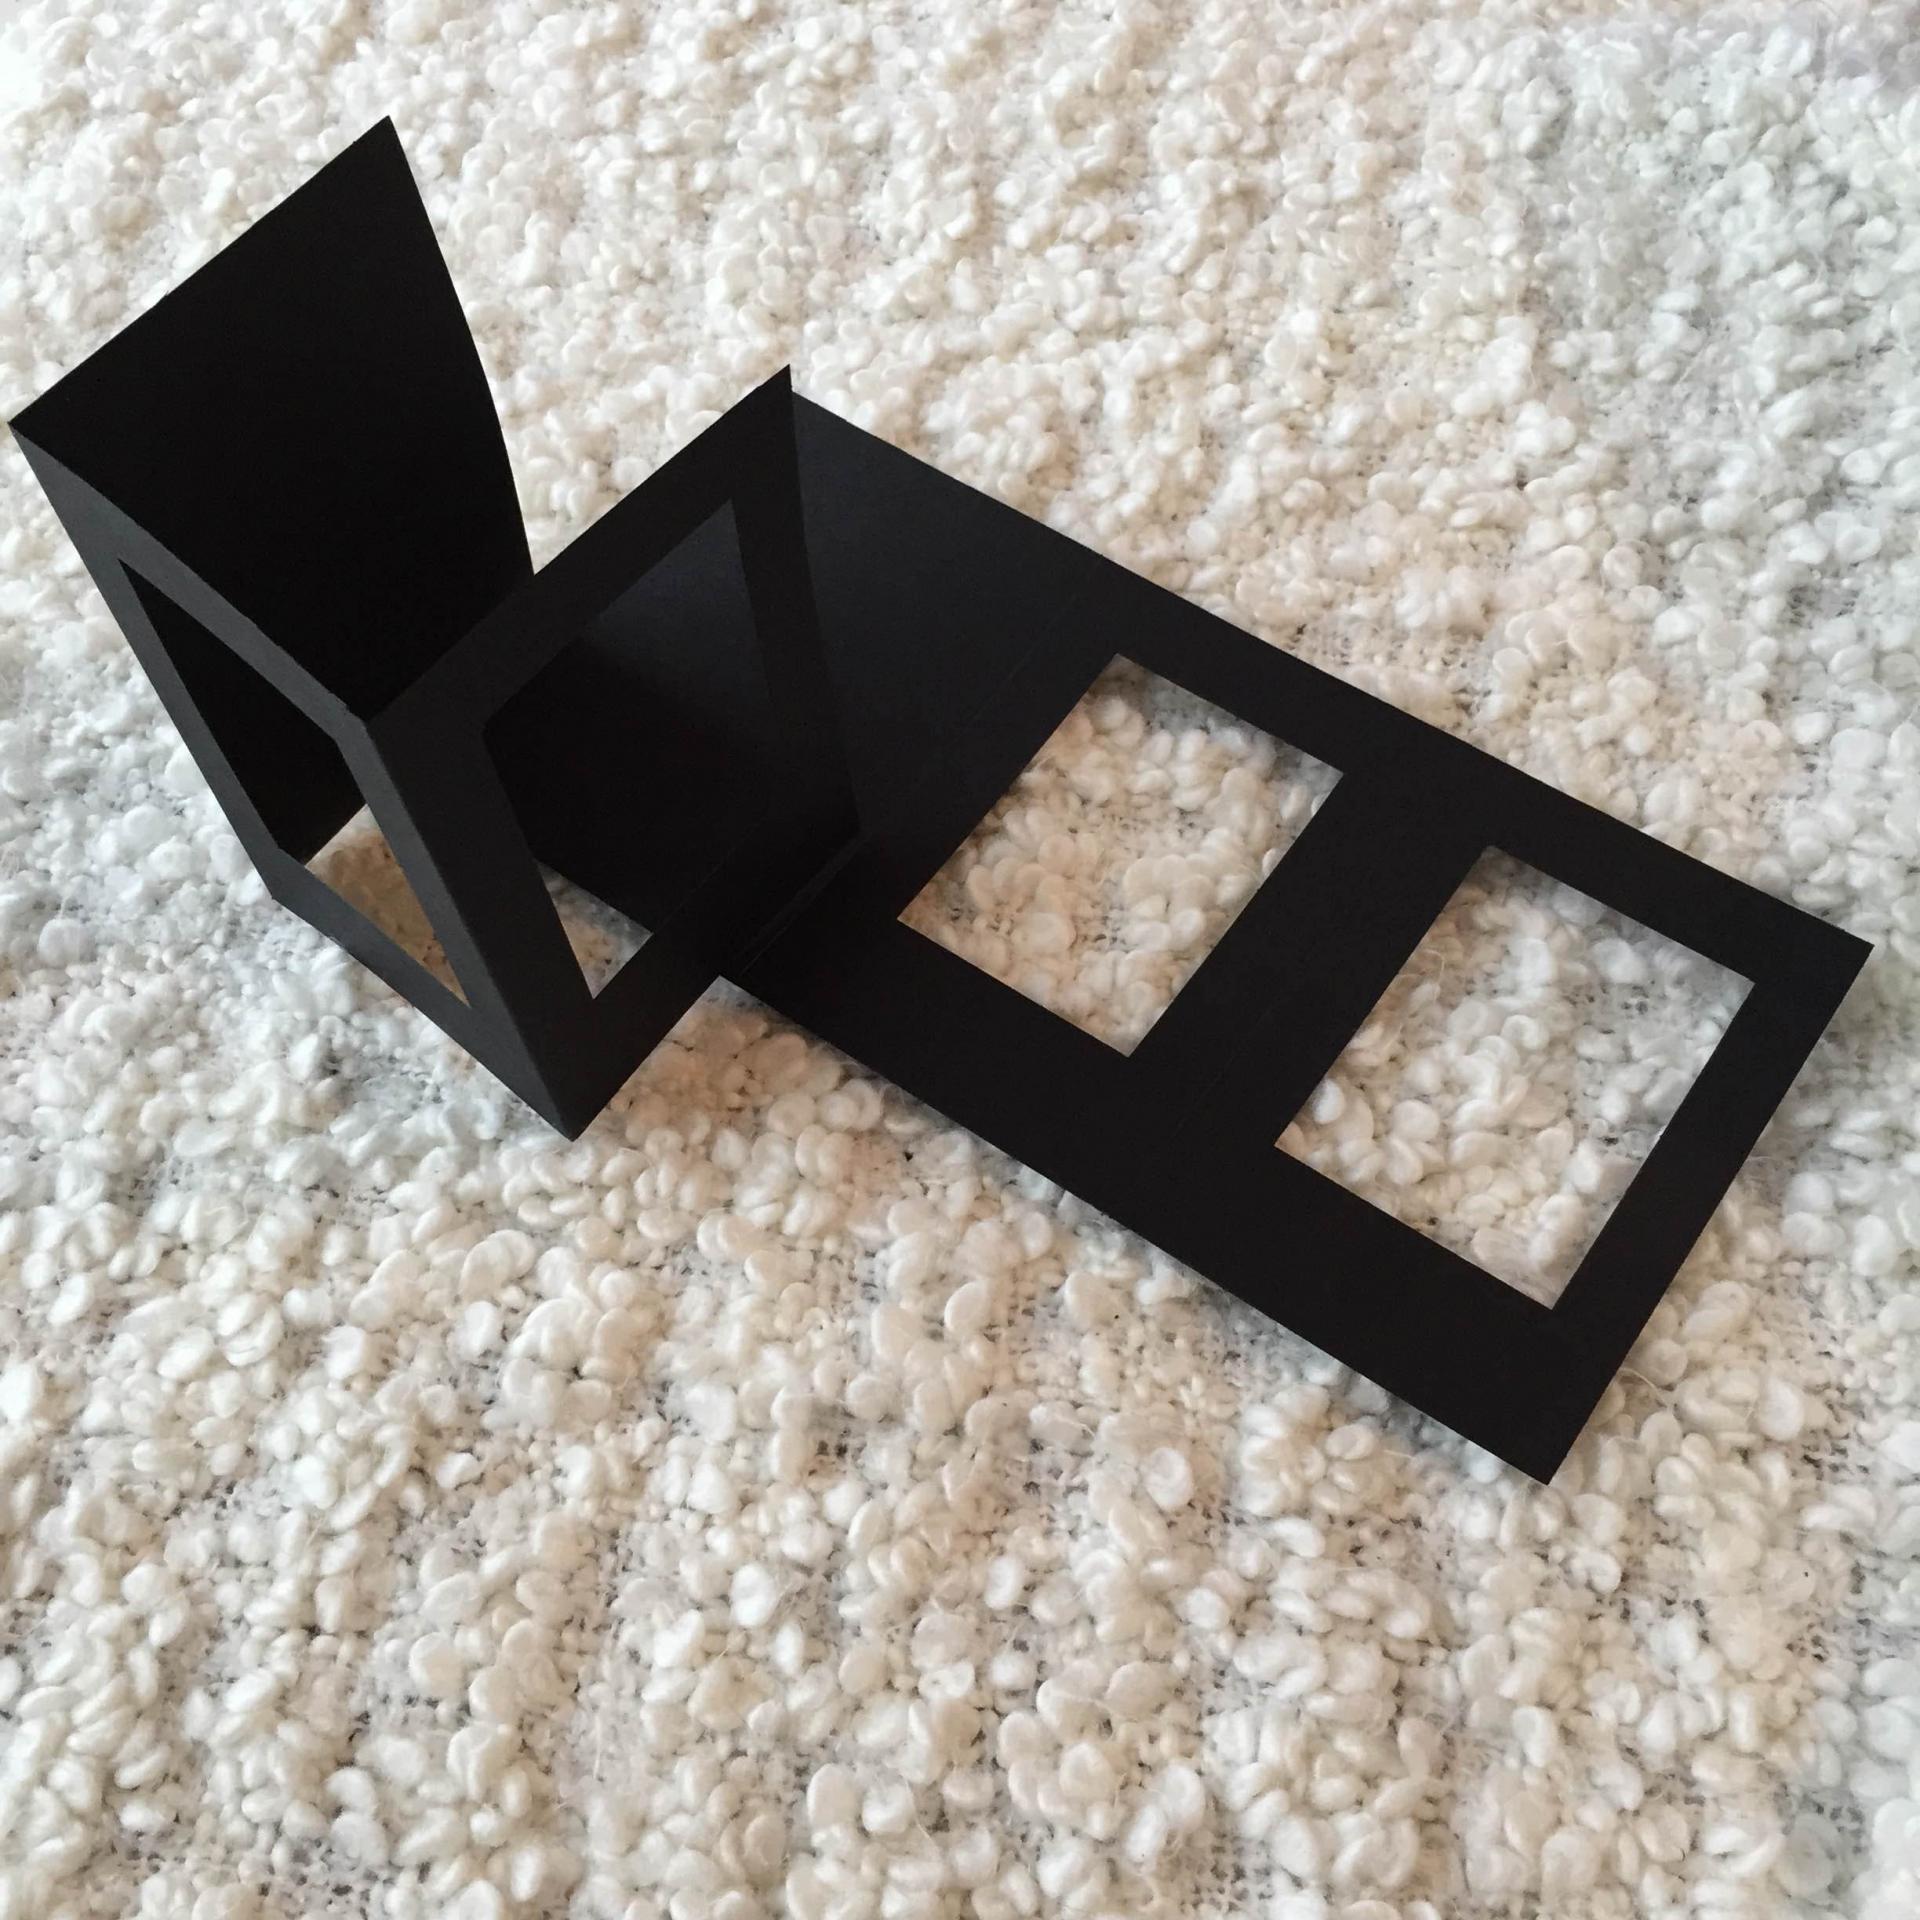 Carte noire 2 fenetres